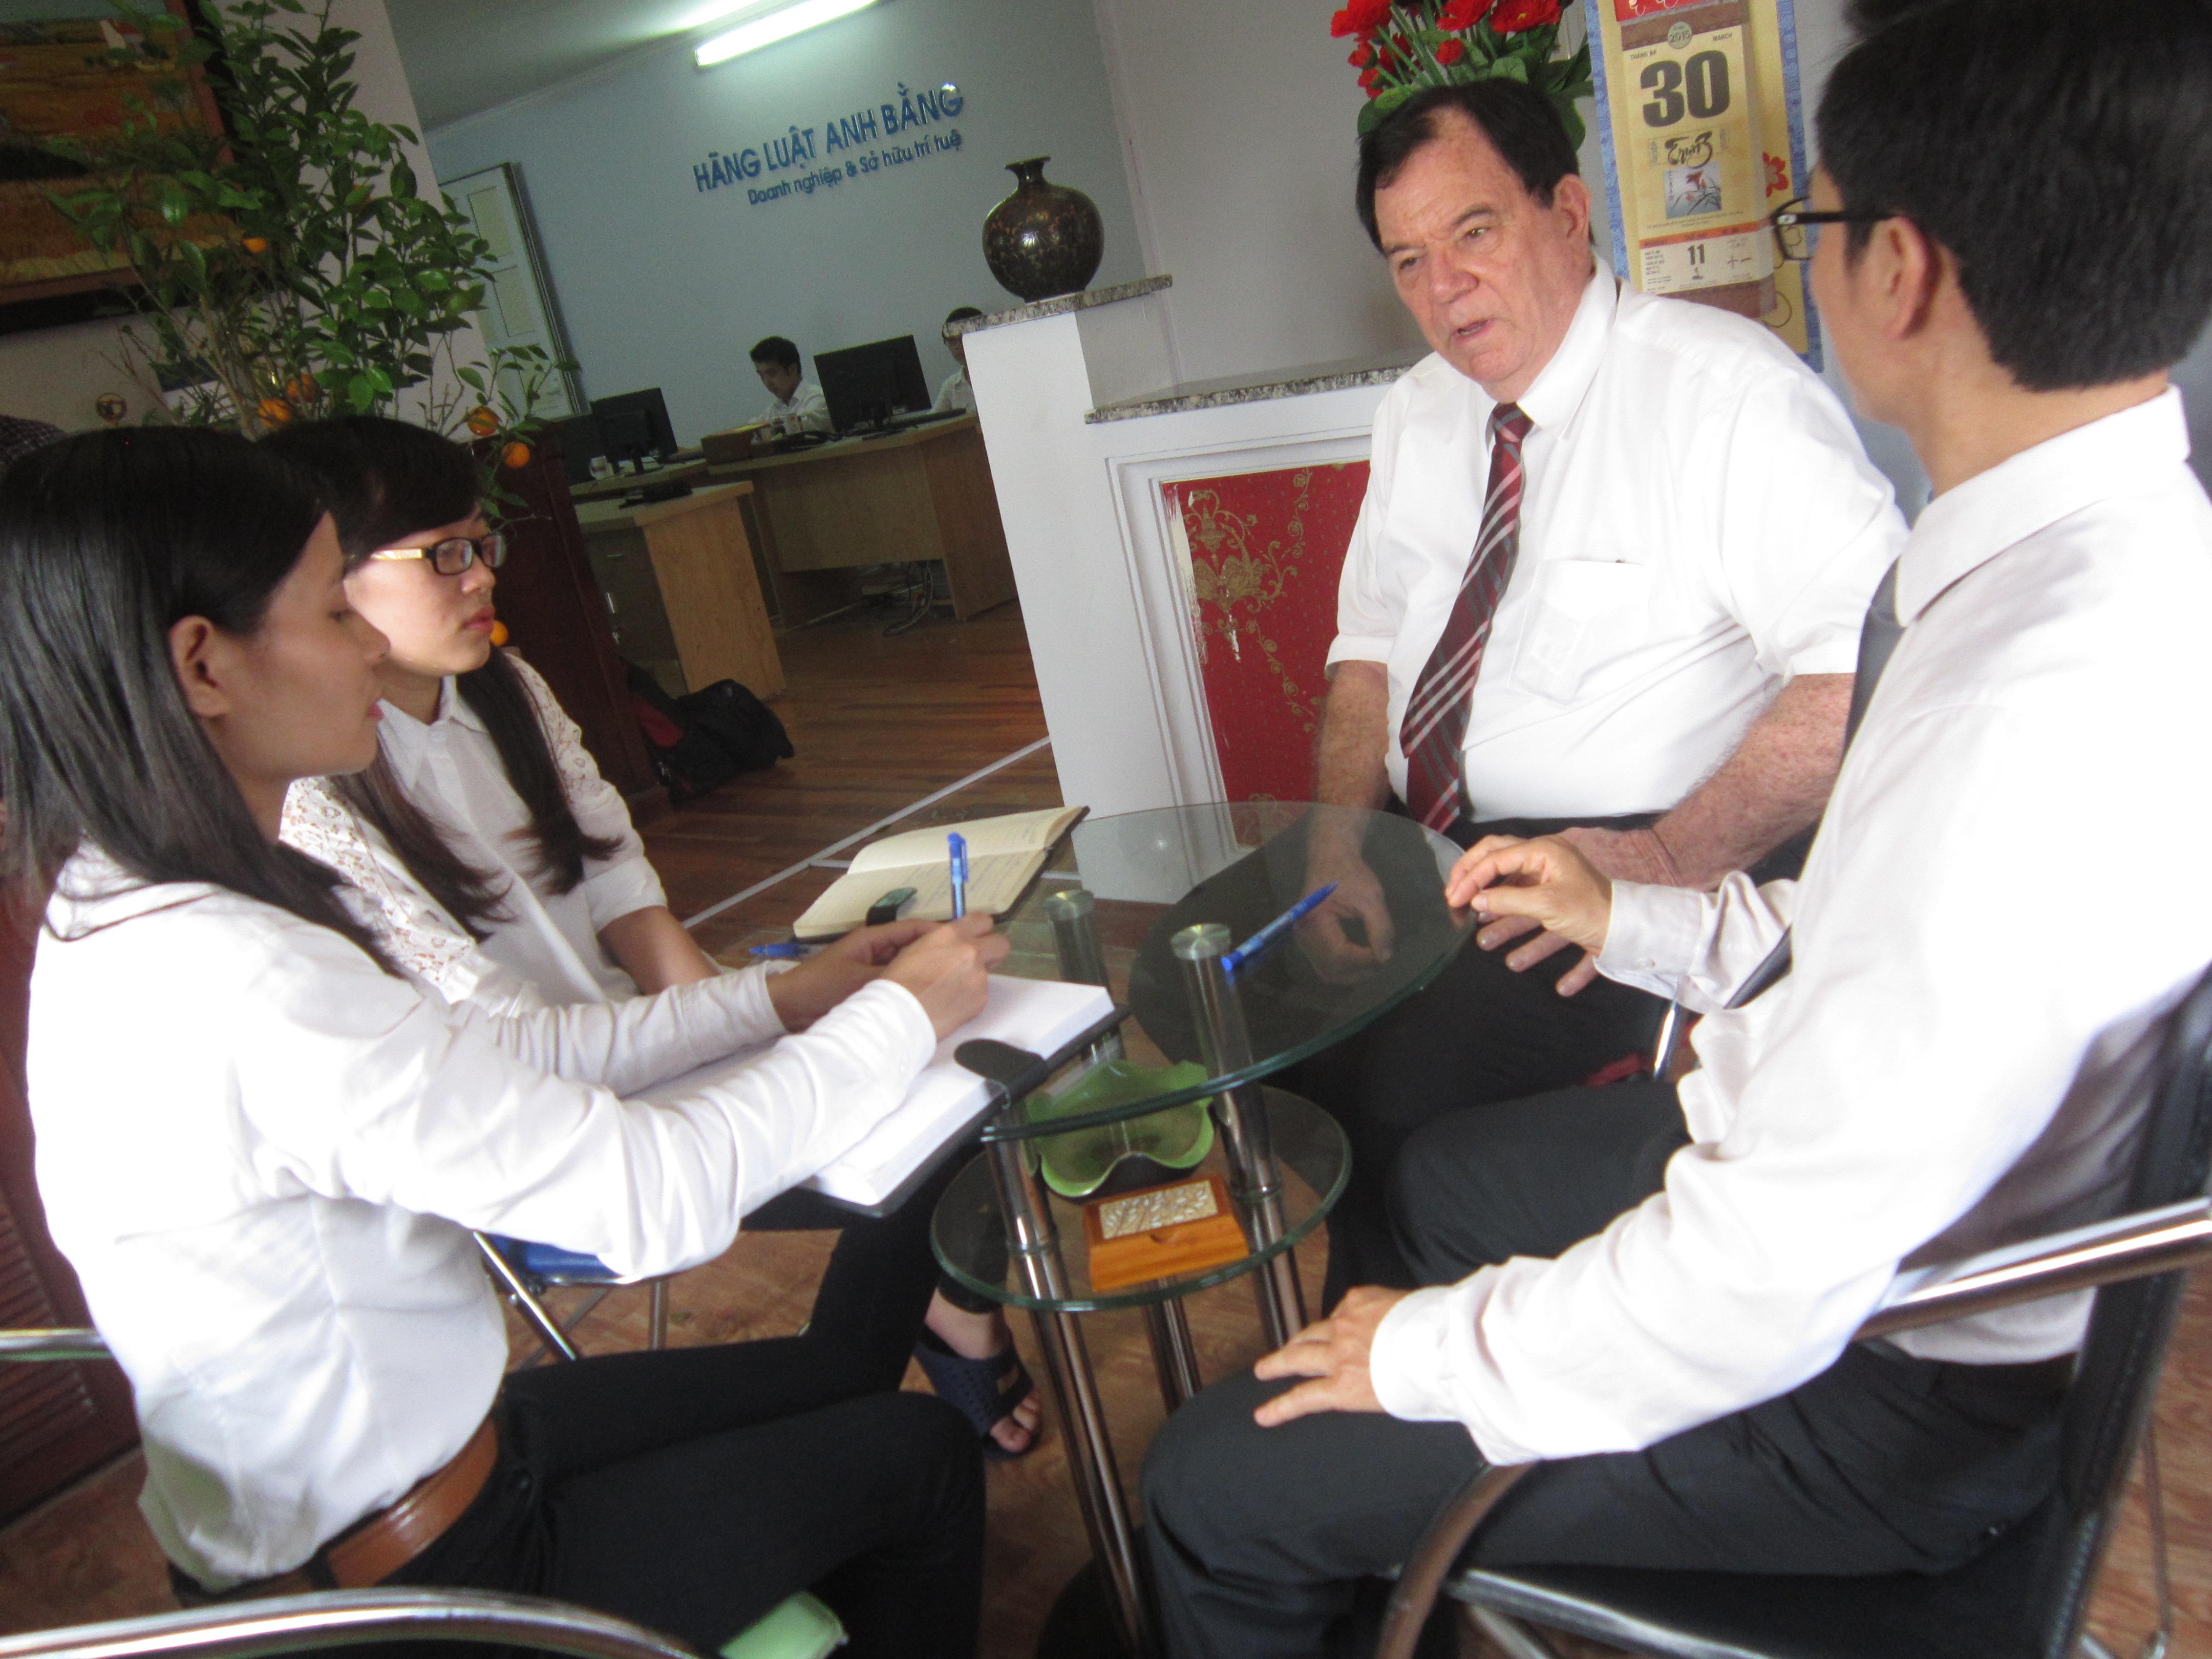 Tư vấn Đầu tư. Thủ tục xin cấp Giấy chứng nhận đăng ký đầu tư | Hãng Luật Anh Bằng